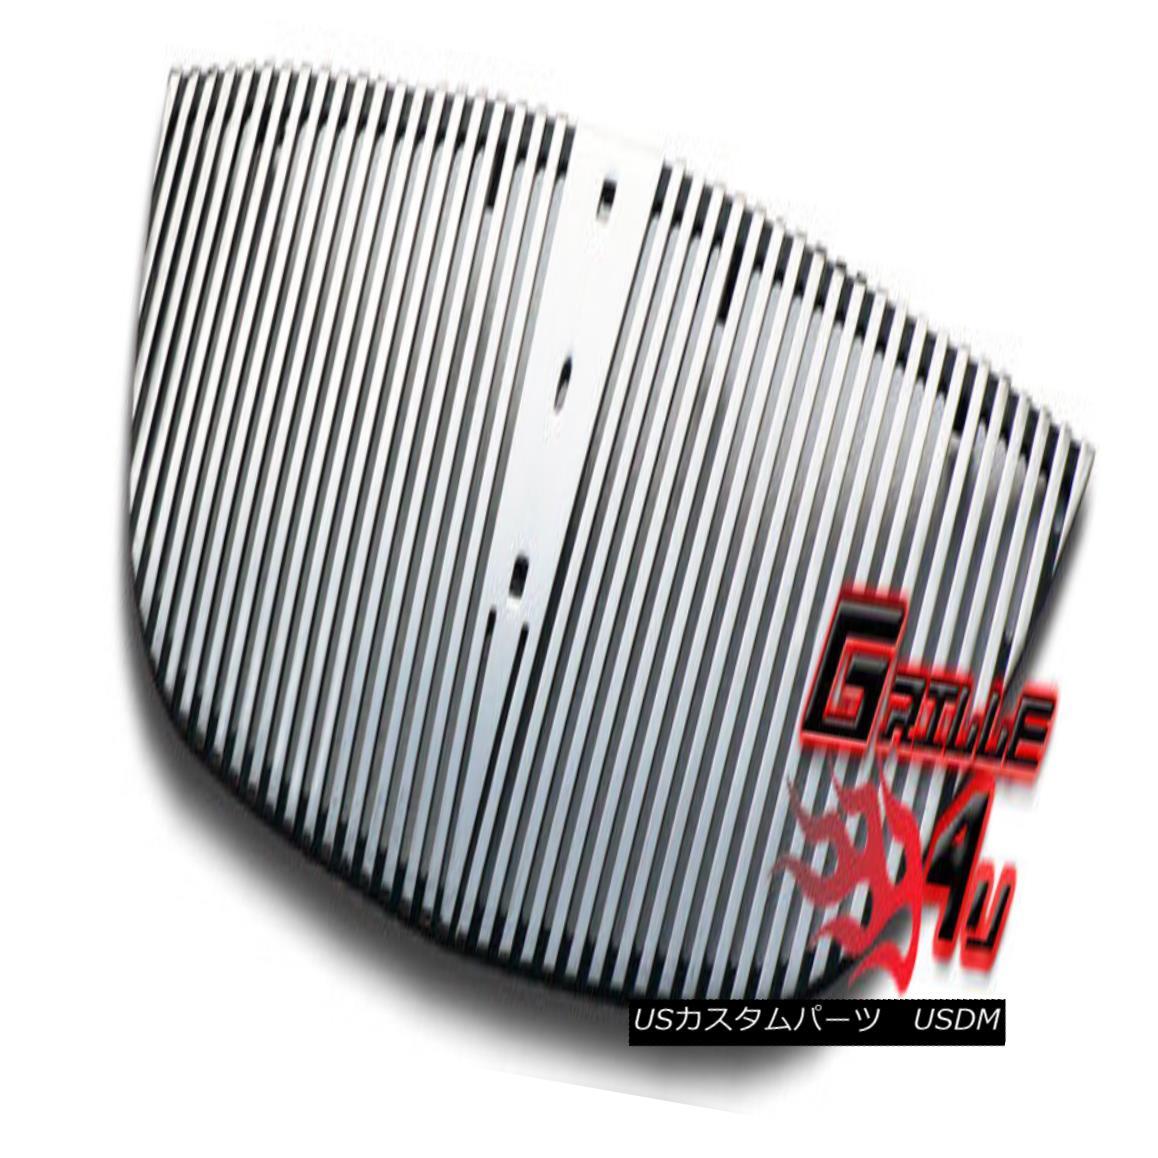 グリル Customized For 00-02 Lincoln LS Perimeter Premium Grille Insert 00-02リンカーンLSペリメータープレミアムグリルインサート用にカスタマイズ